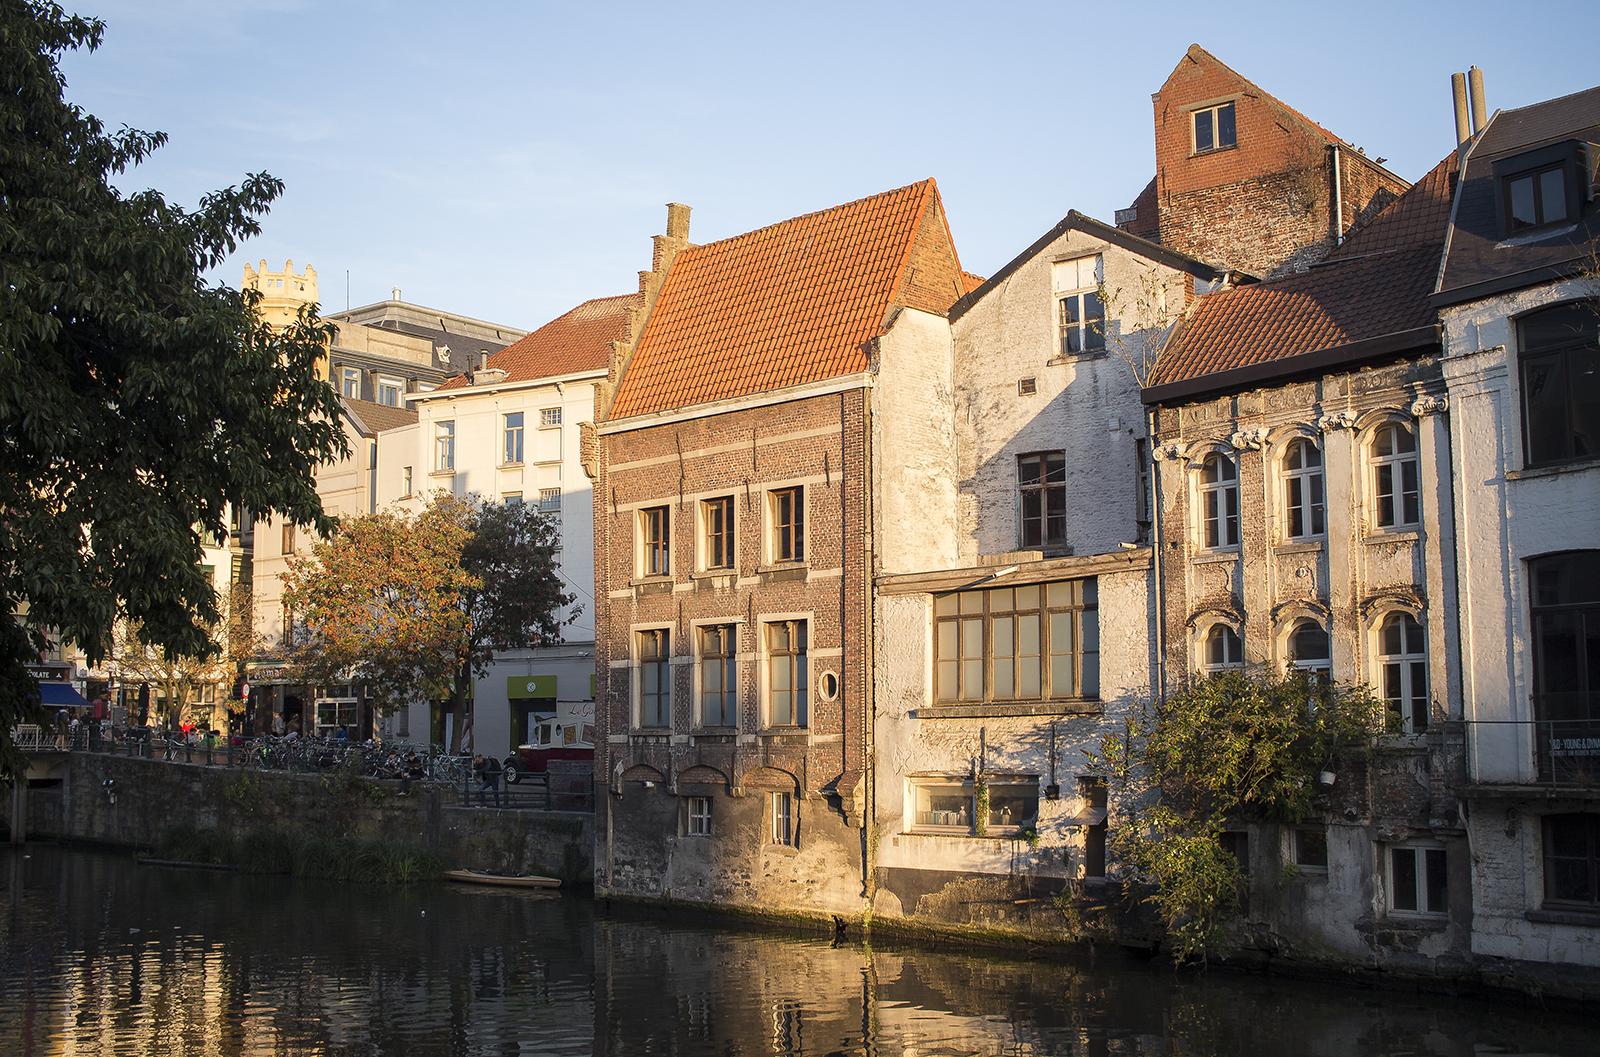 ghent gand gent canal belgium belgie belgique